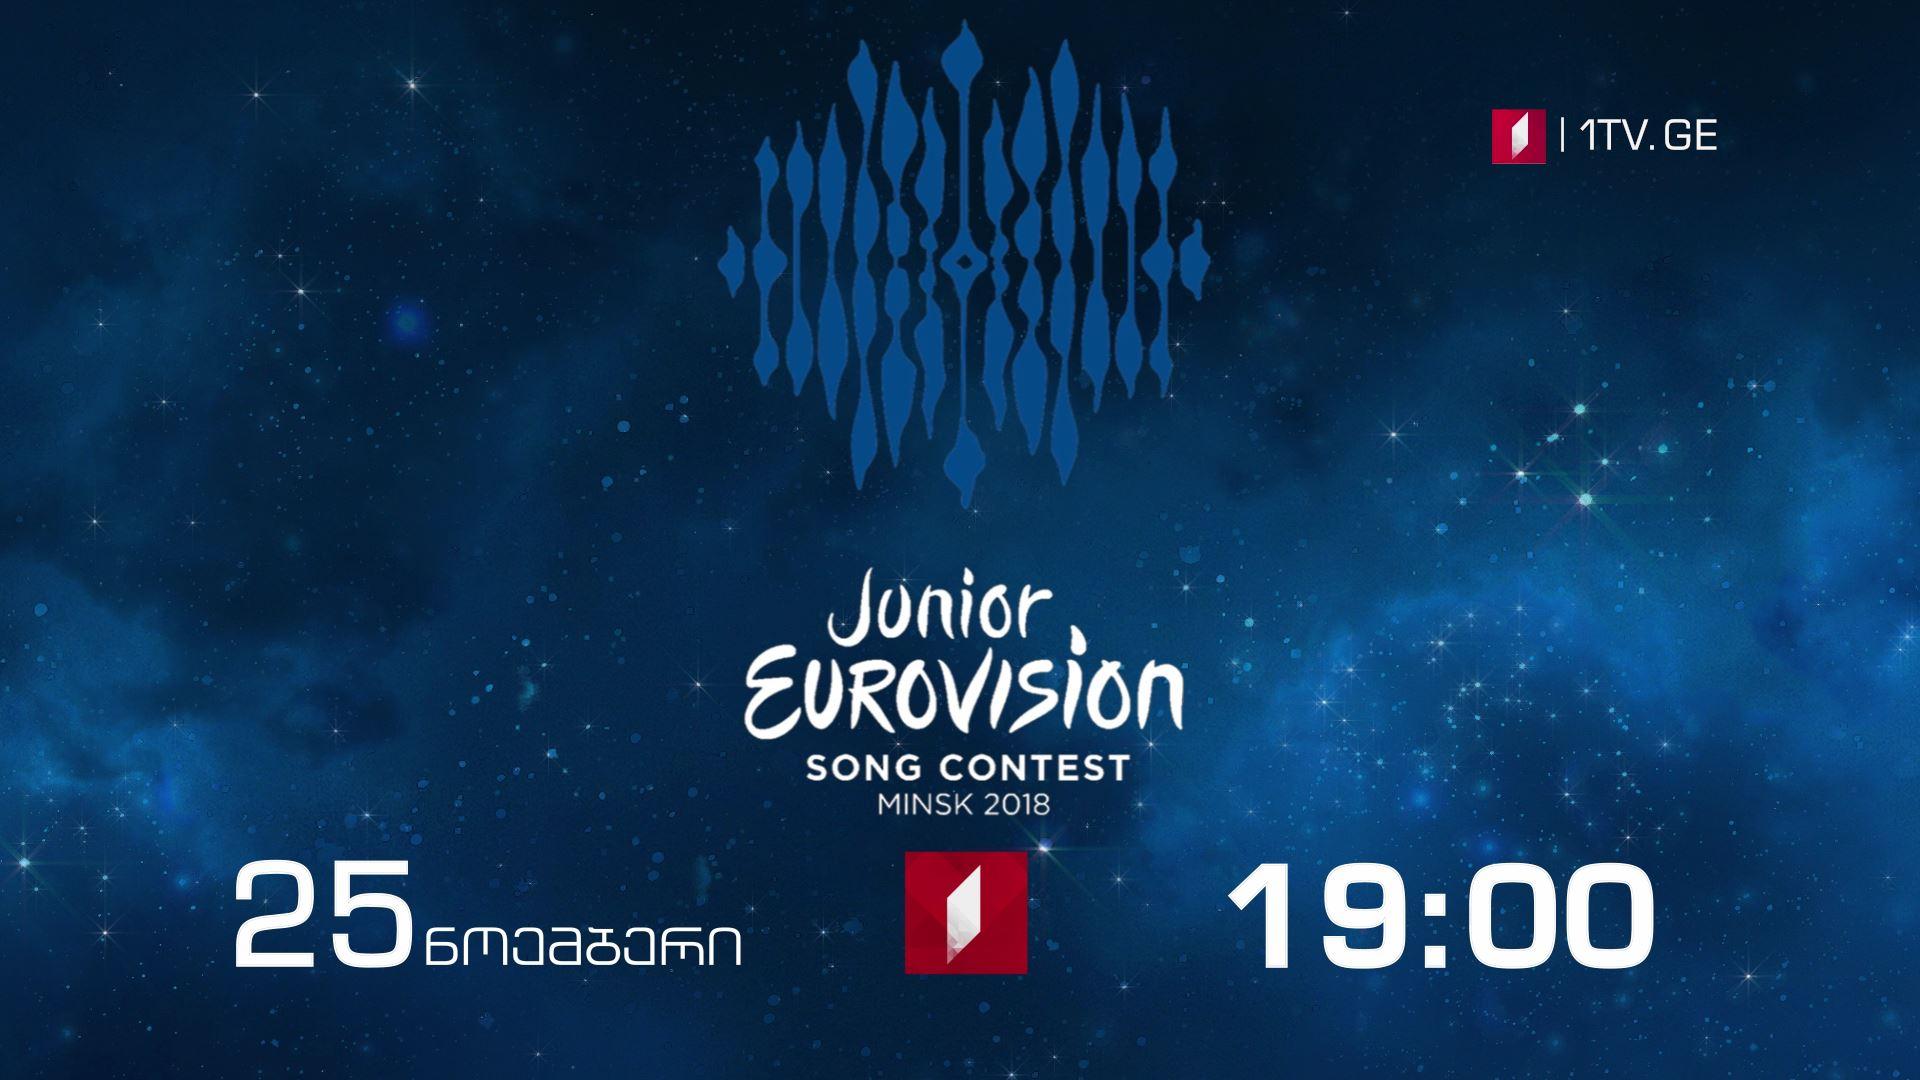 საბავშვო ევროვიზია 2018 - 25 ნოემბერს, 19:00 საათზე, პირველი არხის პირდაპირ ეთერში